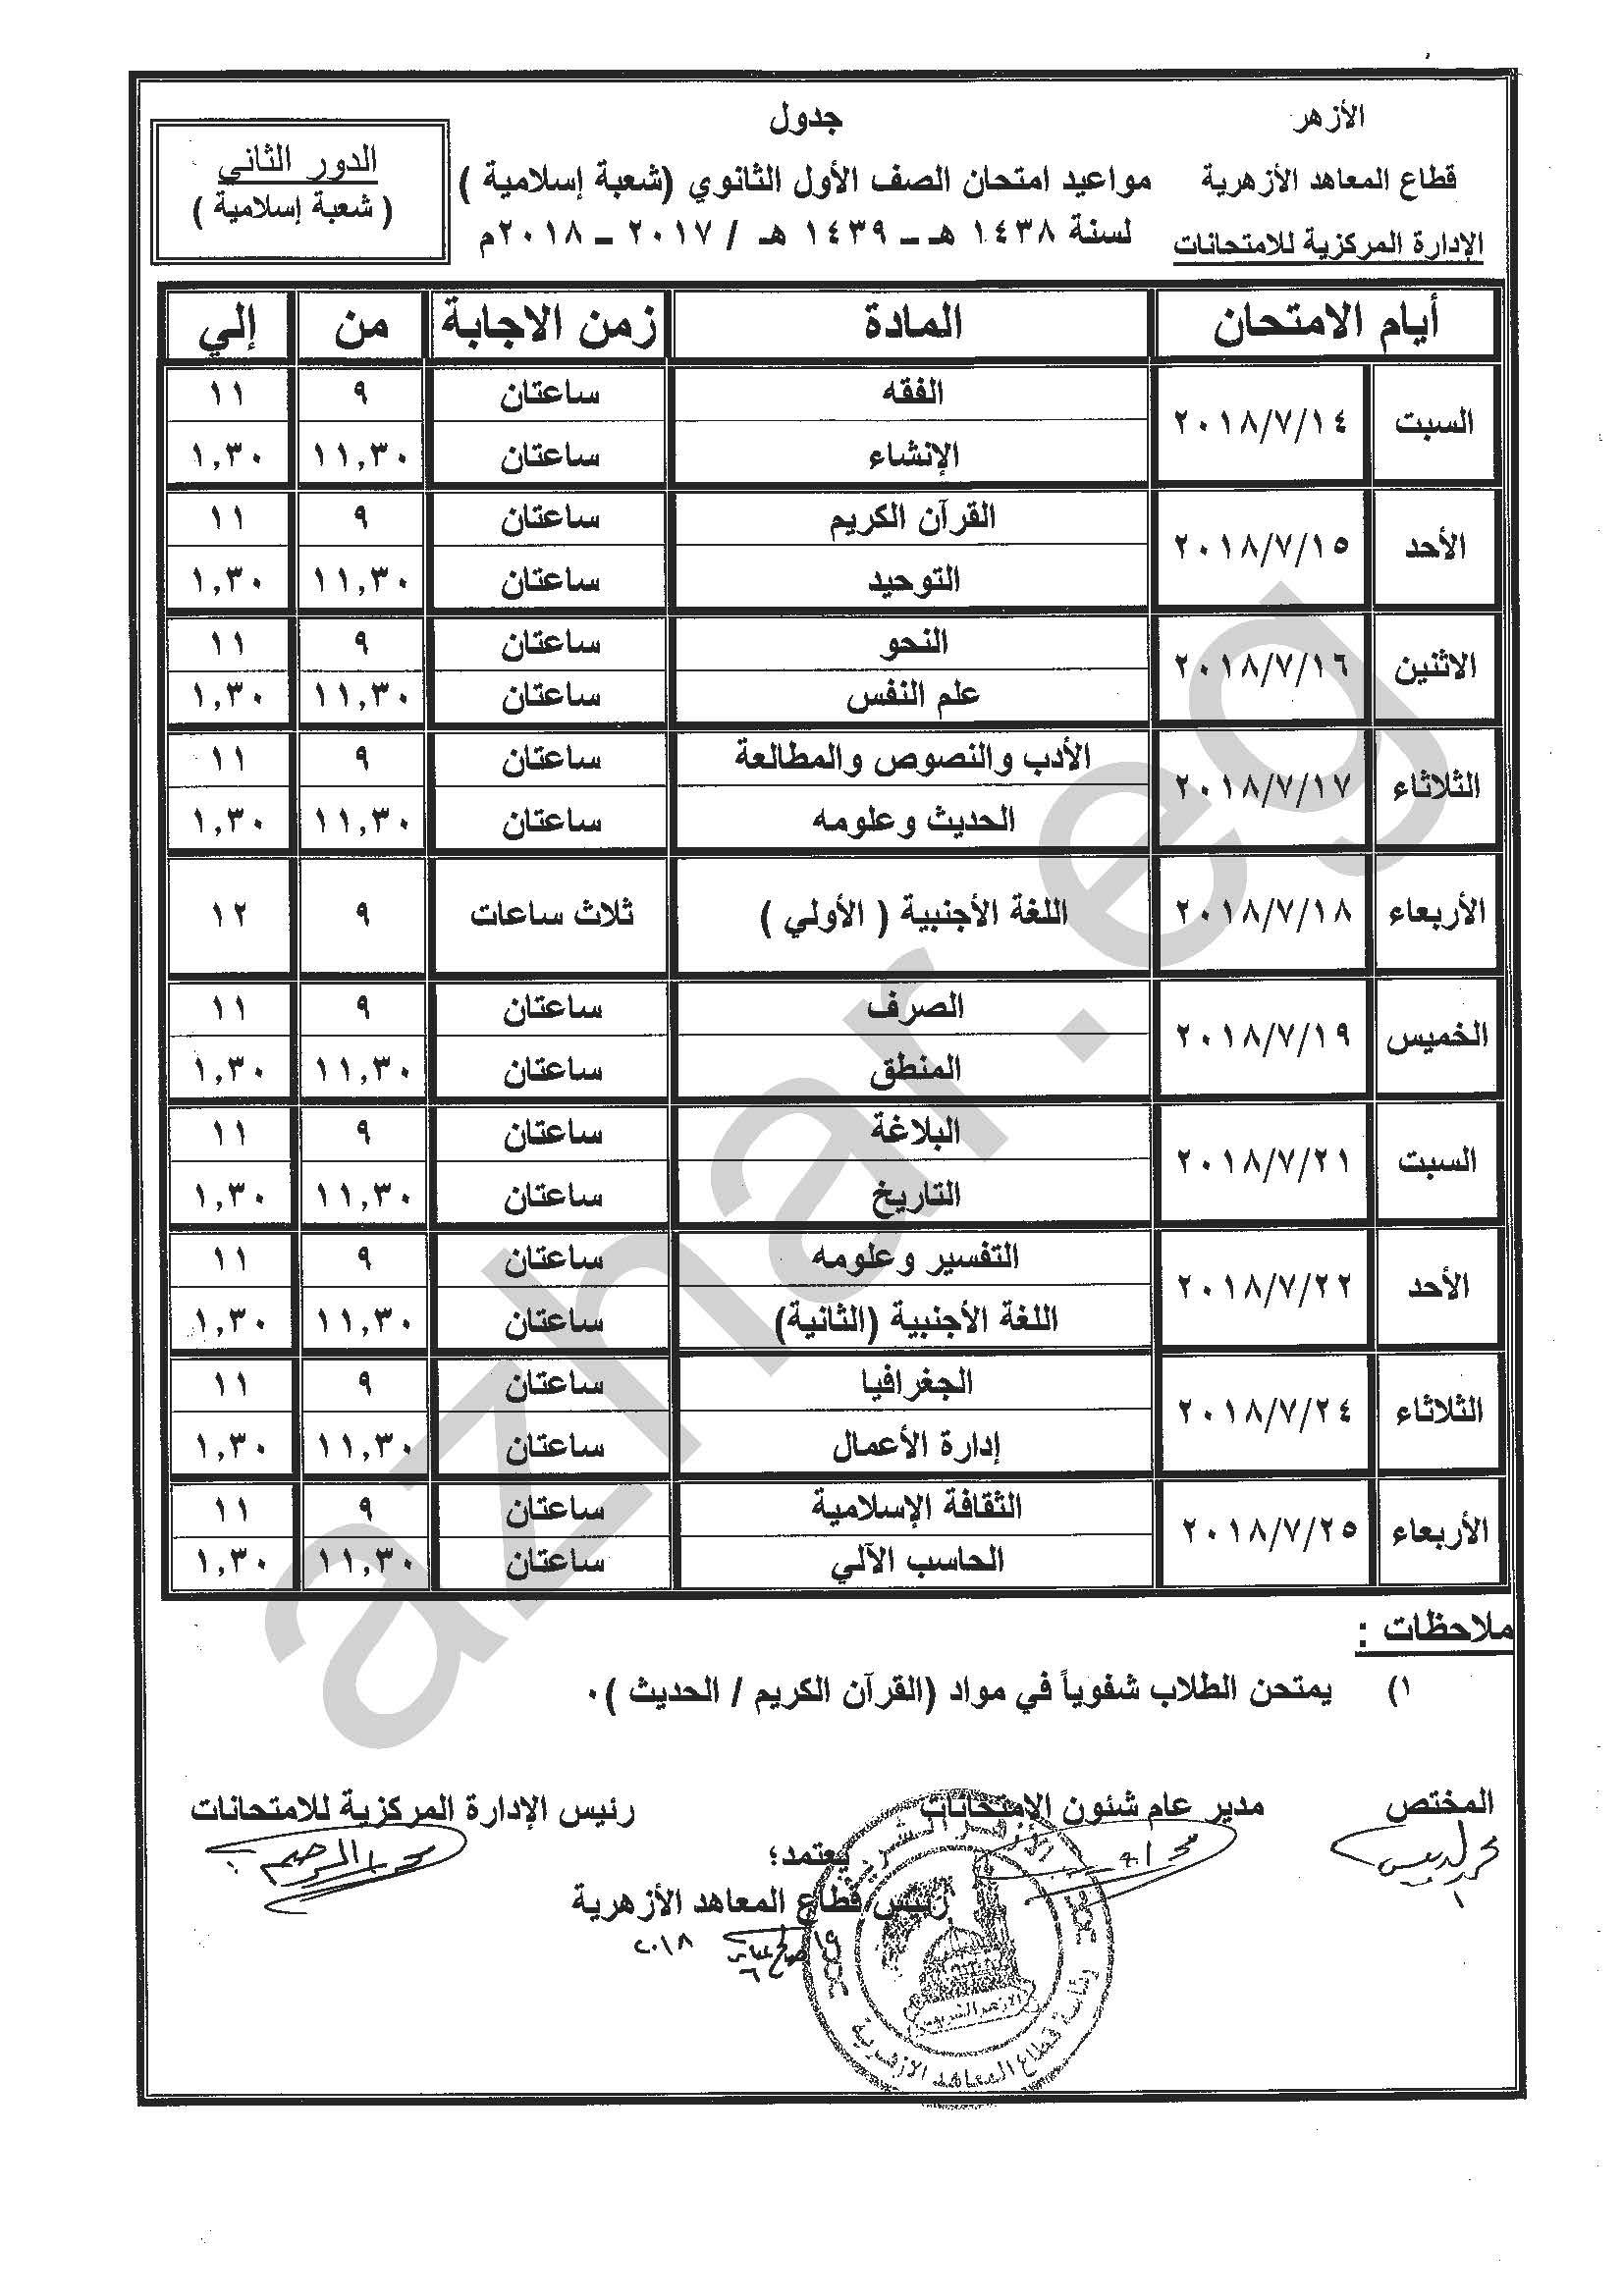 الأول الثانوي - شعبةإسلامية